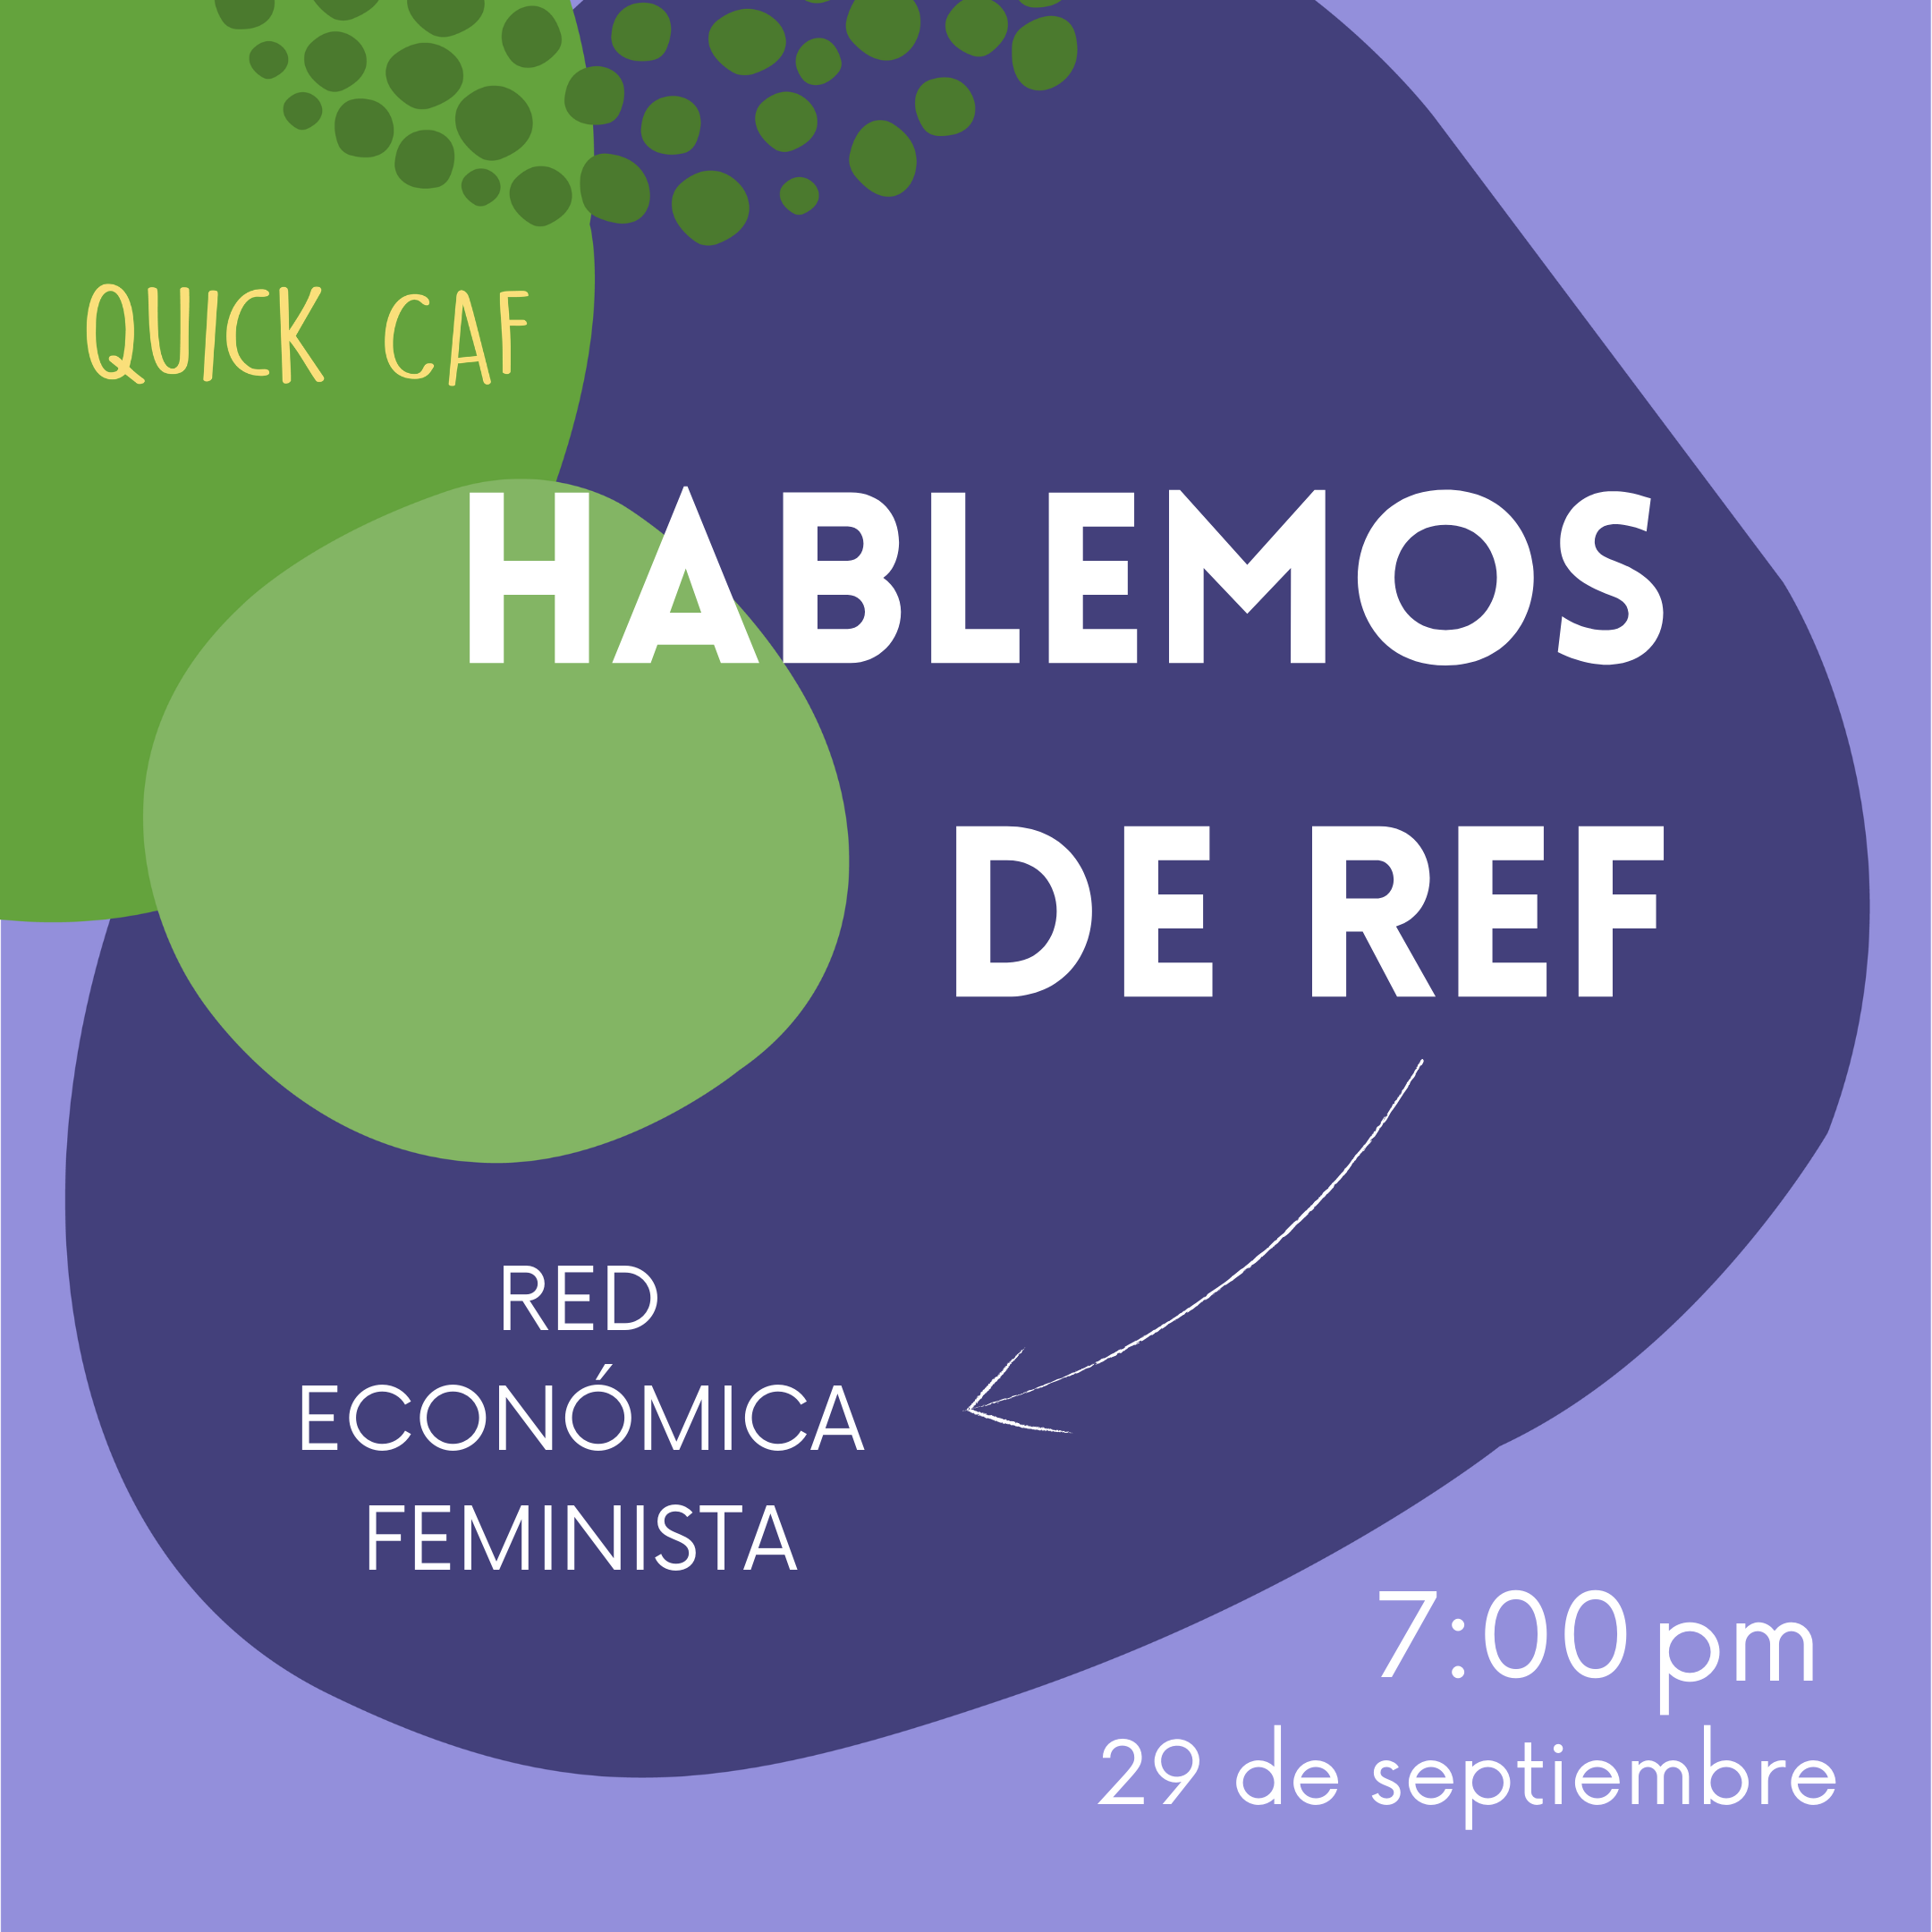 Hablemos de REF (Red Económica Feminista) 7:00pm. 29 de setiembre